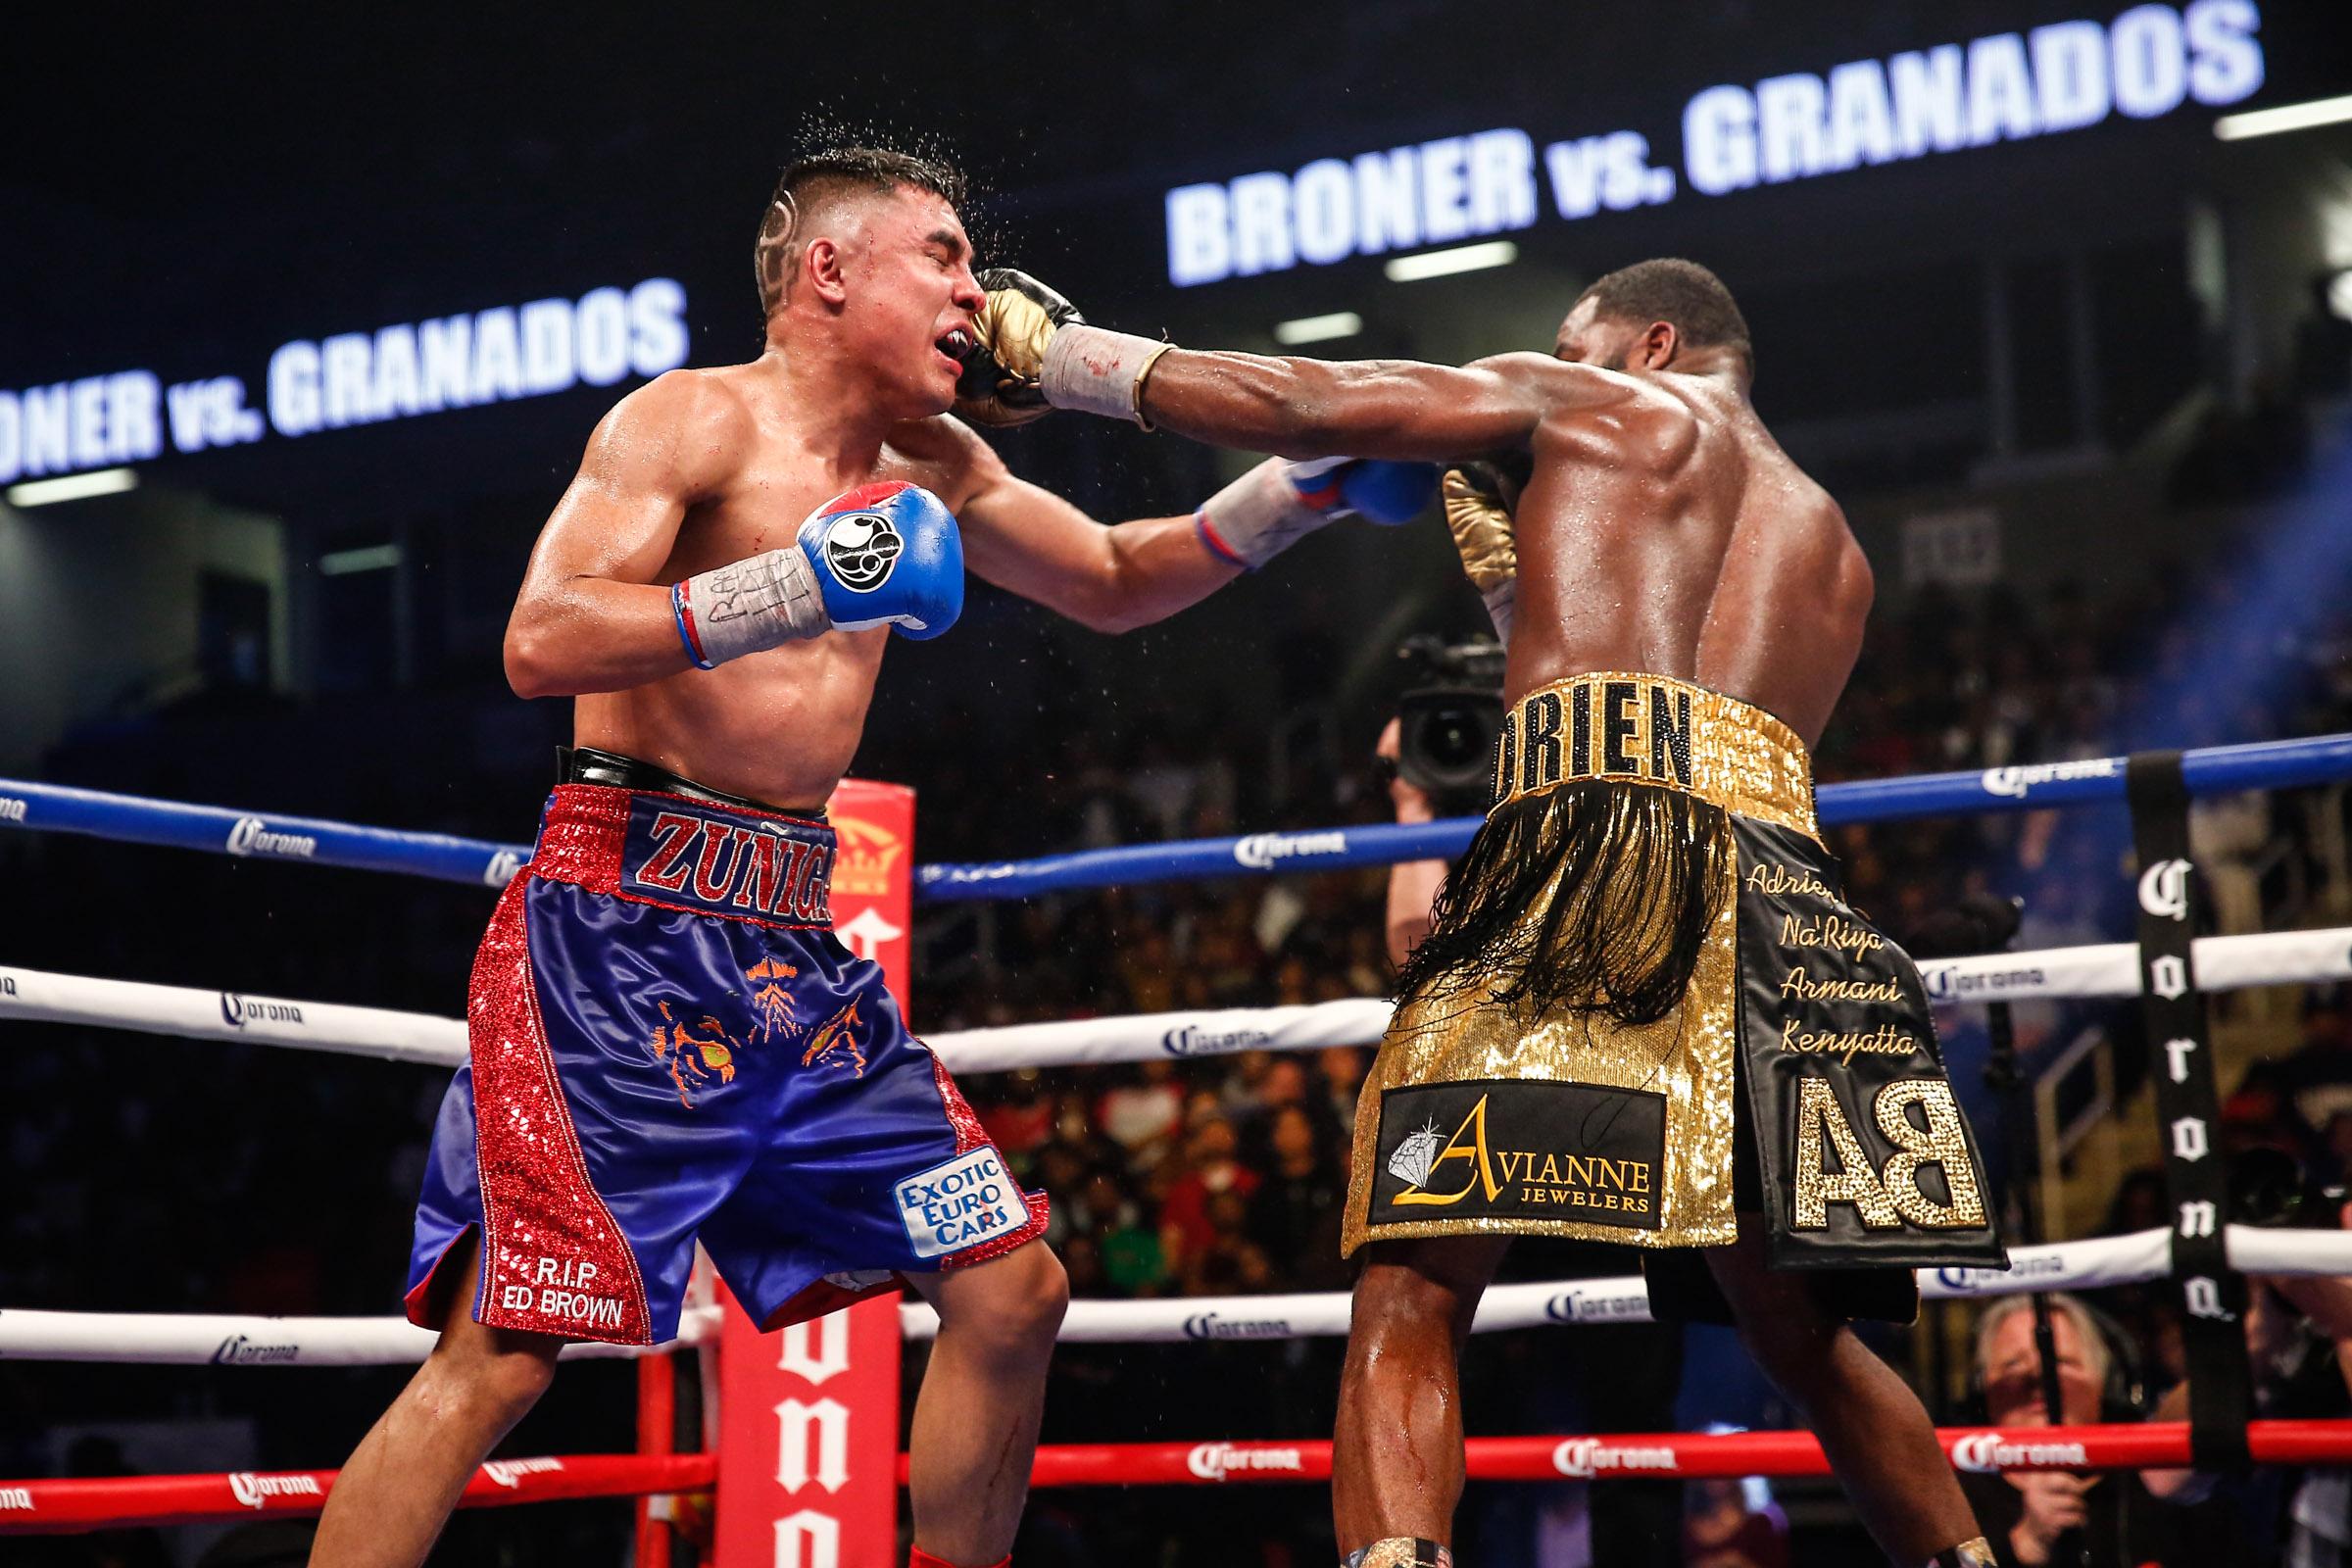 LR_SHO-FIGHT NIGHT-BRONER VS GRANADOS-02182017-0078.jpg